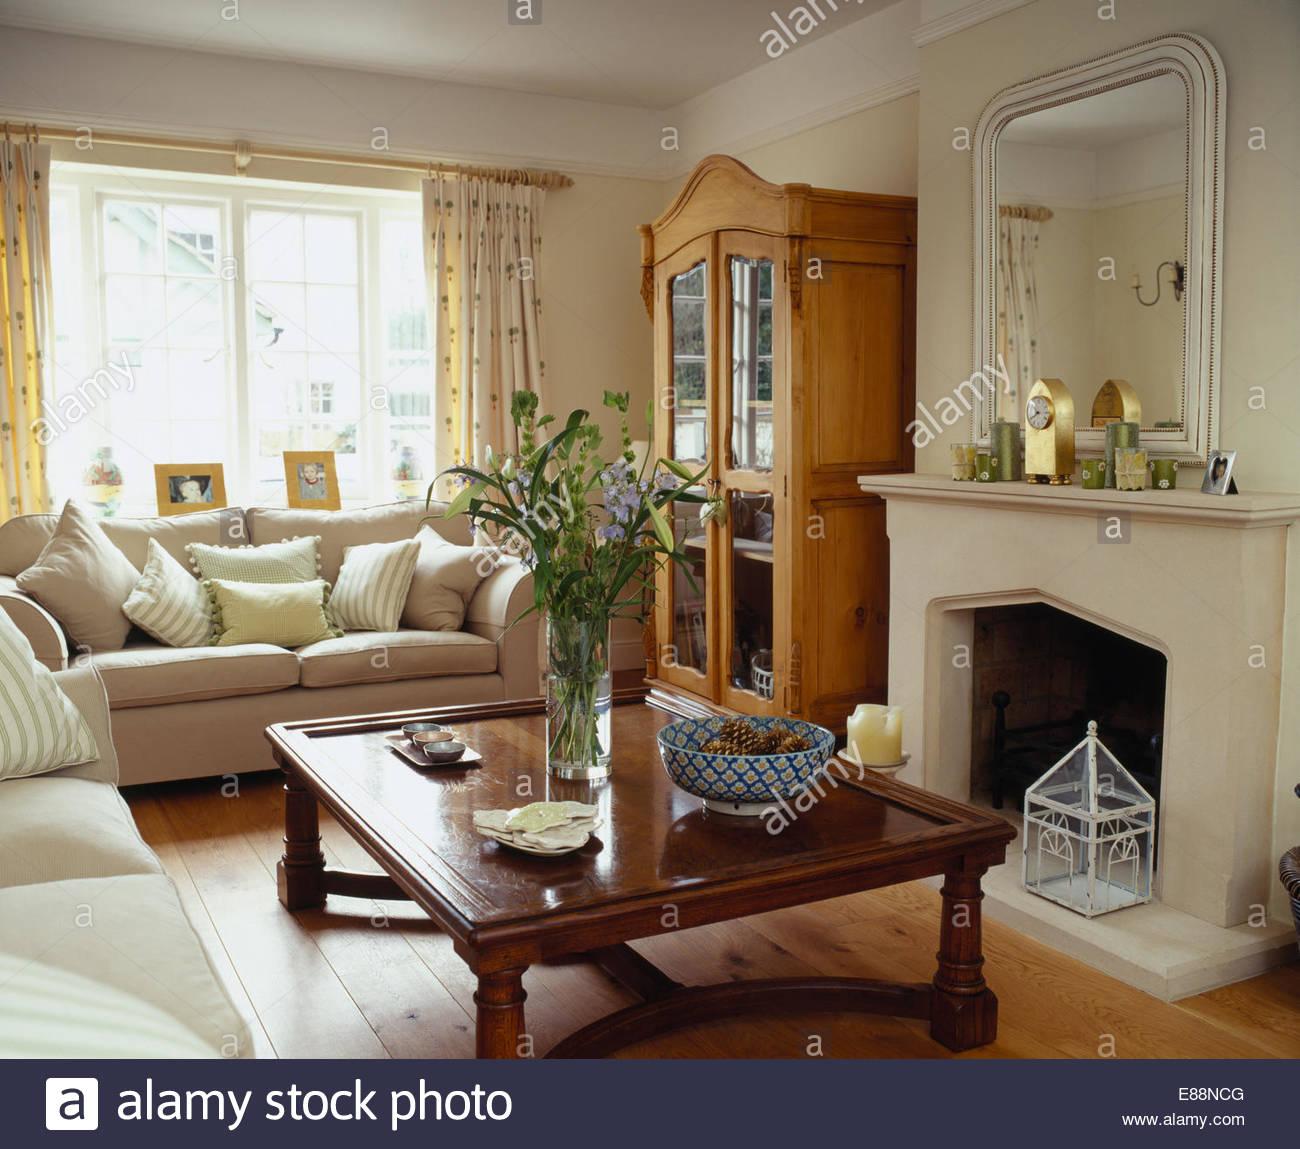 Indonesische Holz Couchtisch Kamin im Wohnzimmer mit